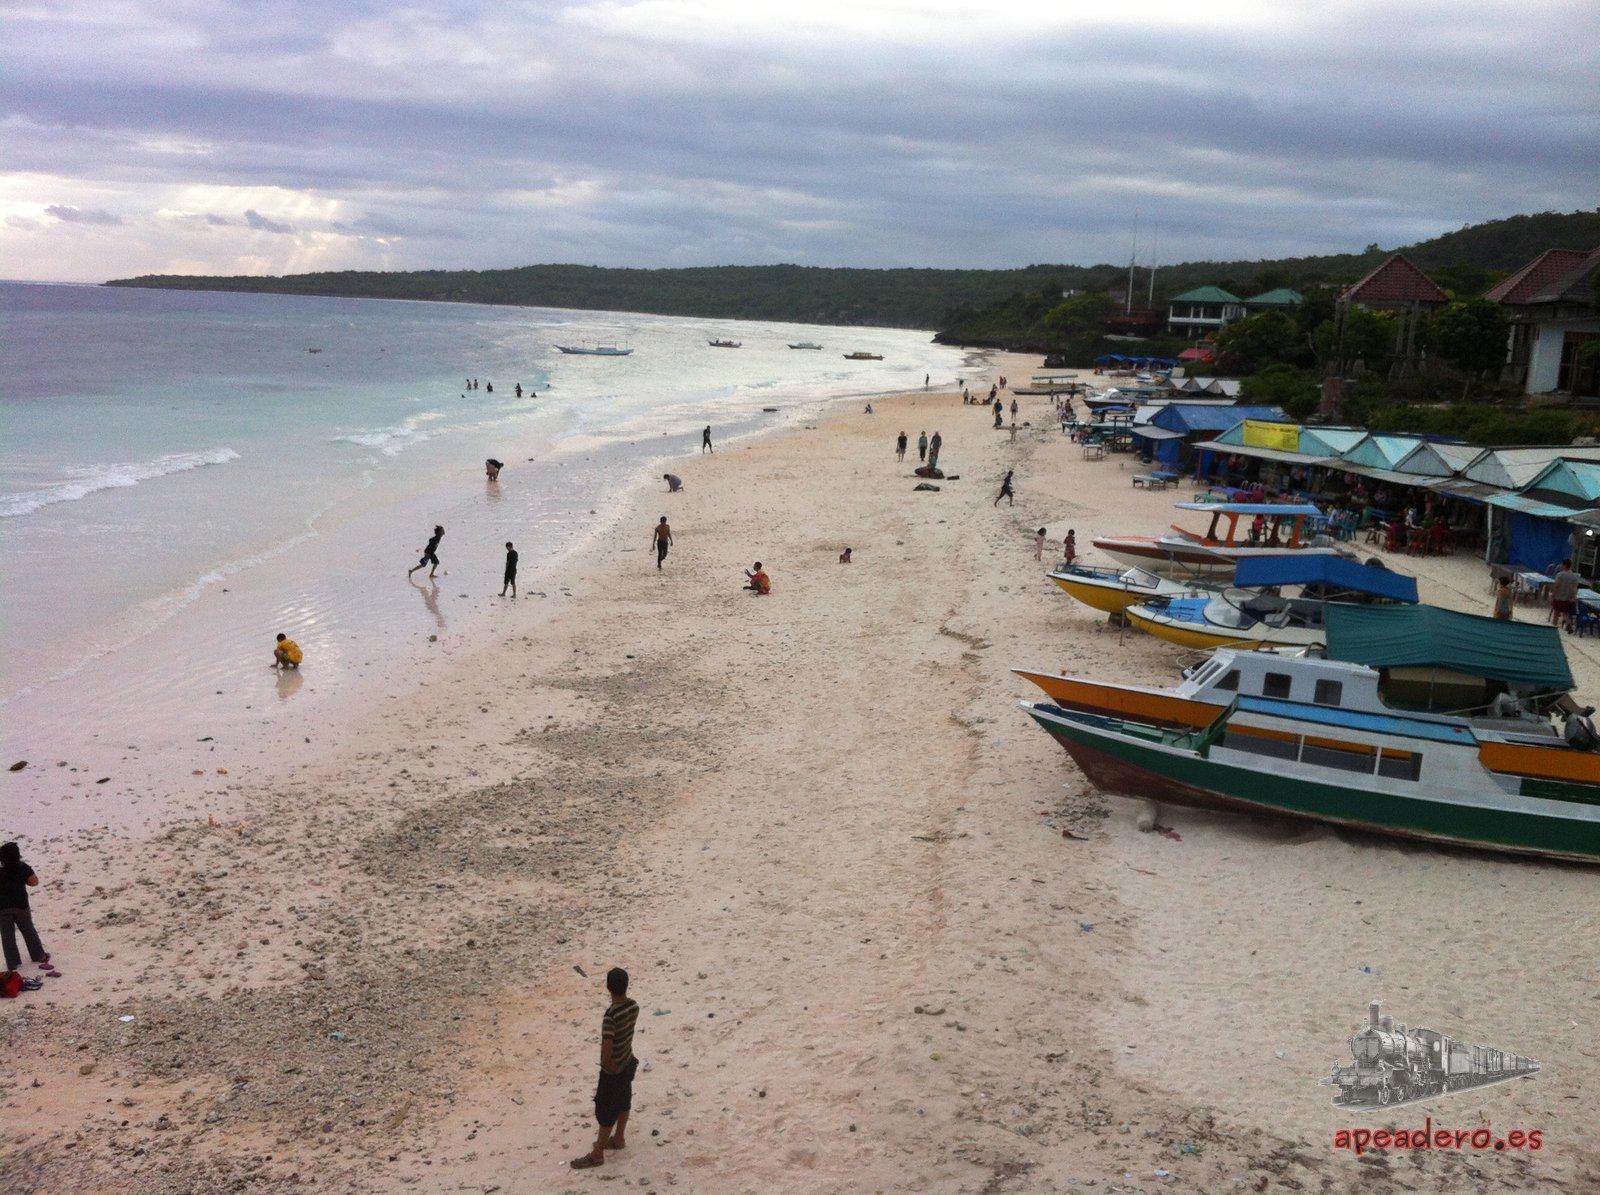 Esta es la famosa playa de Bira. Esta foto está tomada el domingo a última hora, cuando ya no queda casi nadie. Unas horas antes no cabía un alfiler en la playa.